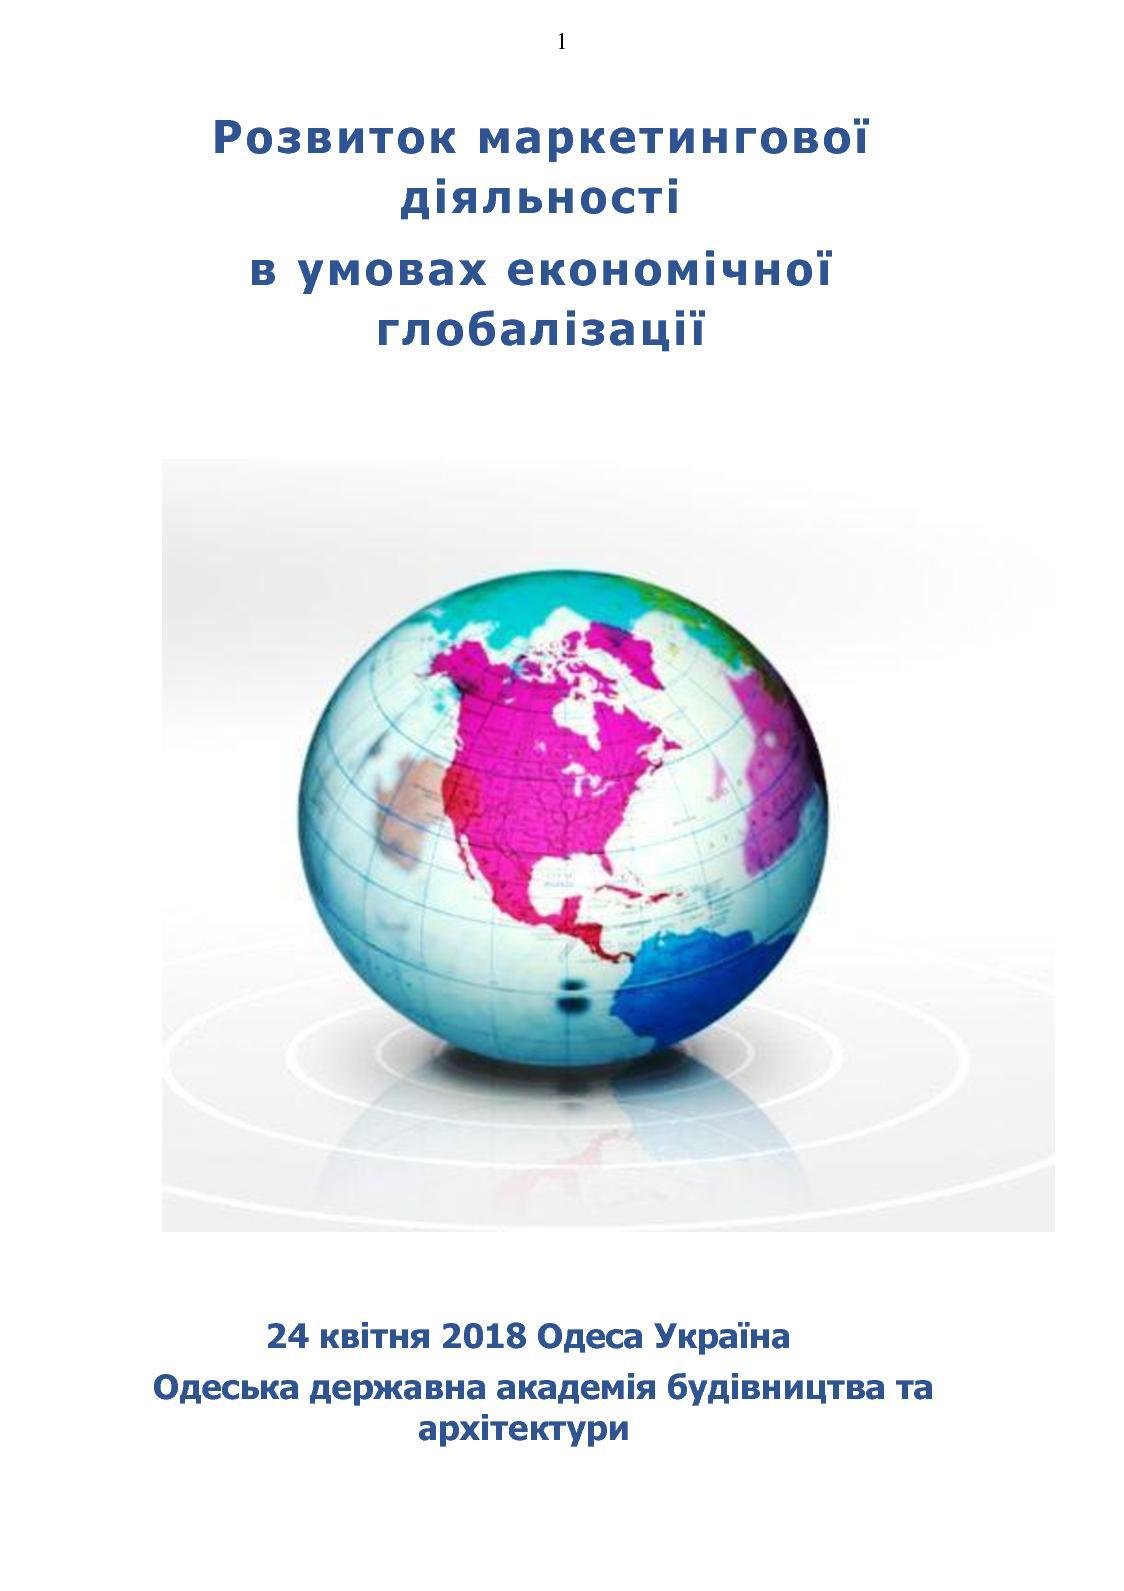 Calaméo - Брітченко І.Г. Інноваційний менеджмент у стратегічних  маркетингових дослідженнях Колодинський С.Б. e6655da7de1b8